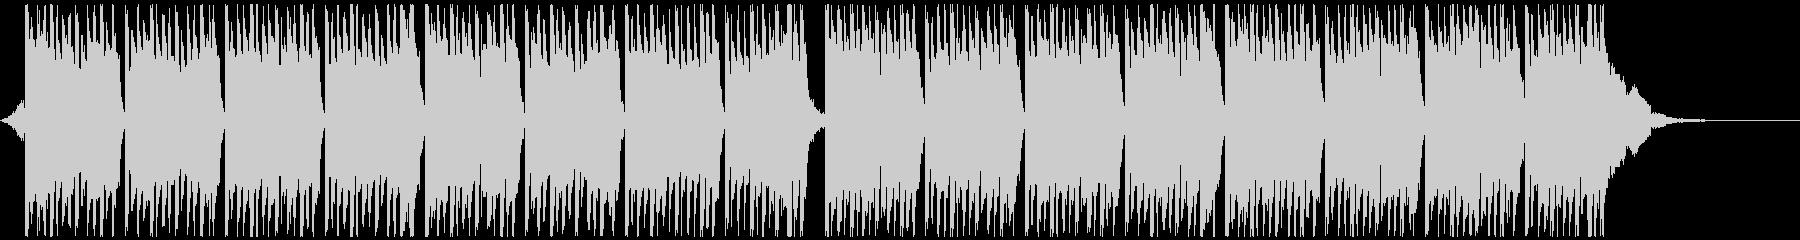 レーシング(45秒)の未再生の波形